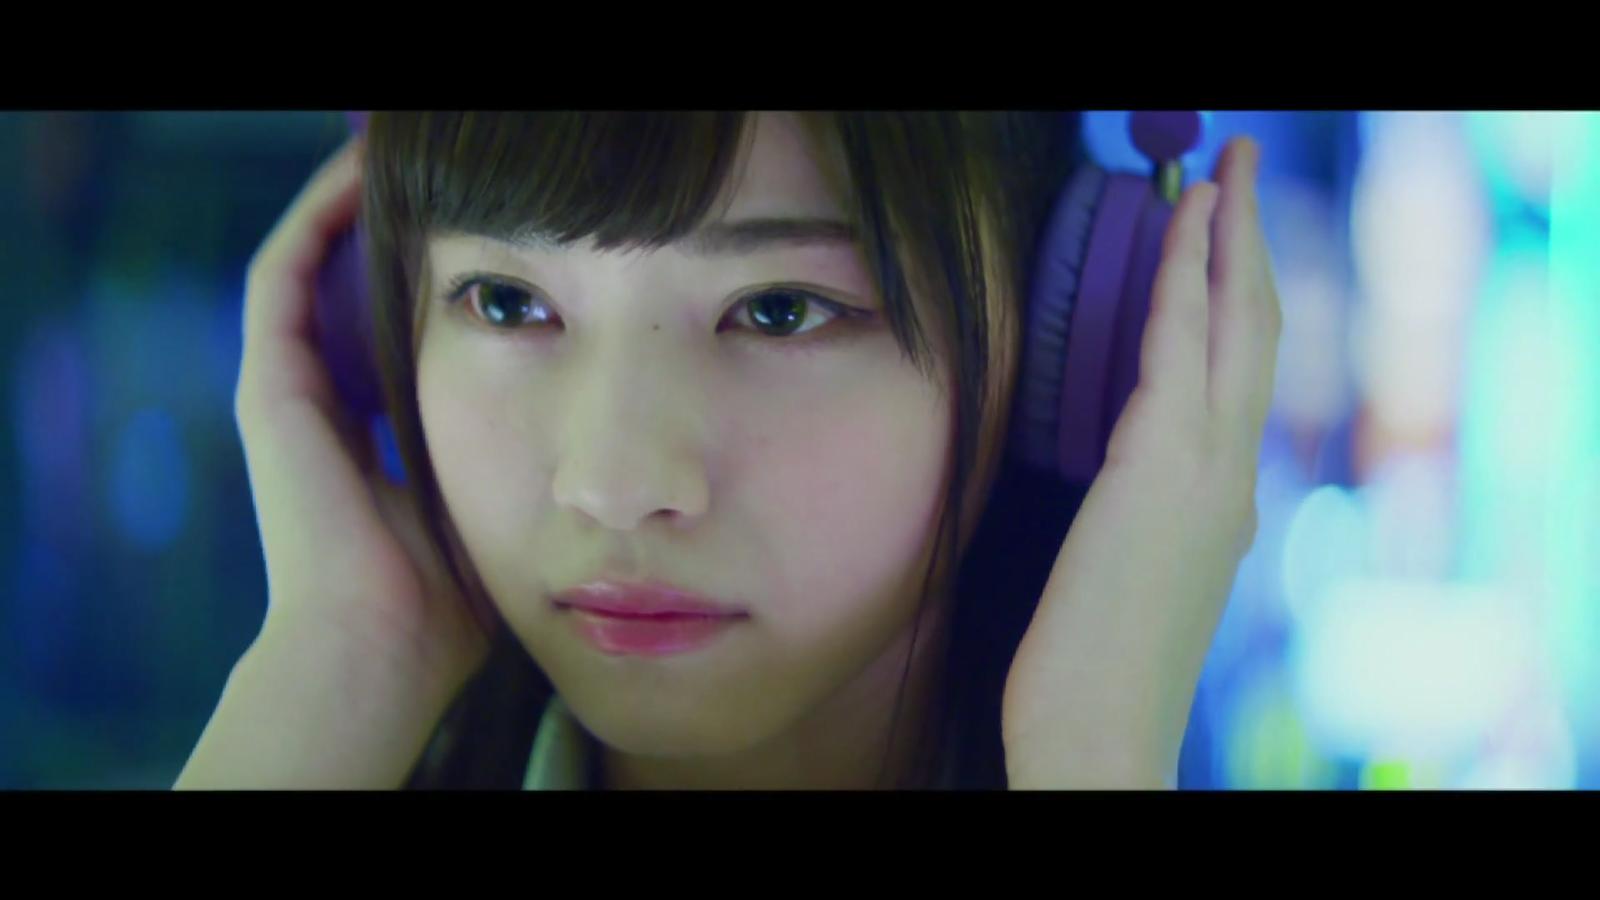 【エンタメ画像】【乃木坂46】乃木坂ちゃんのメンバーの歌声ってどれくらい聞き分けられる?